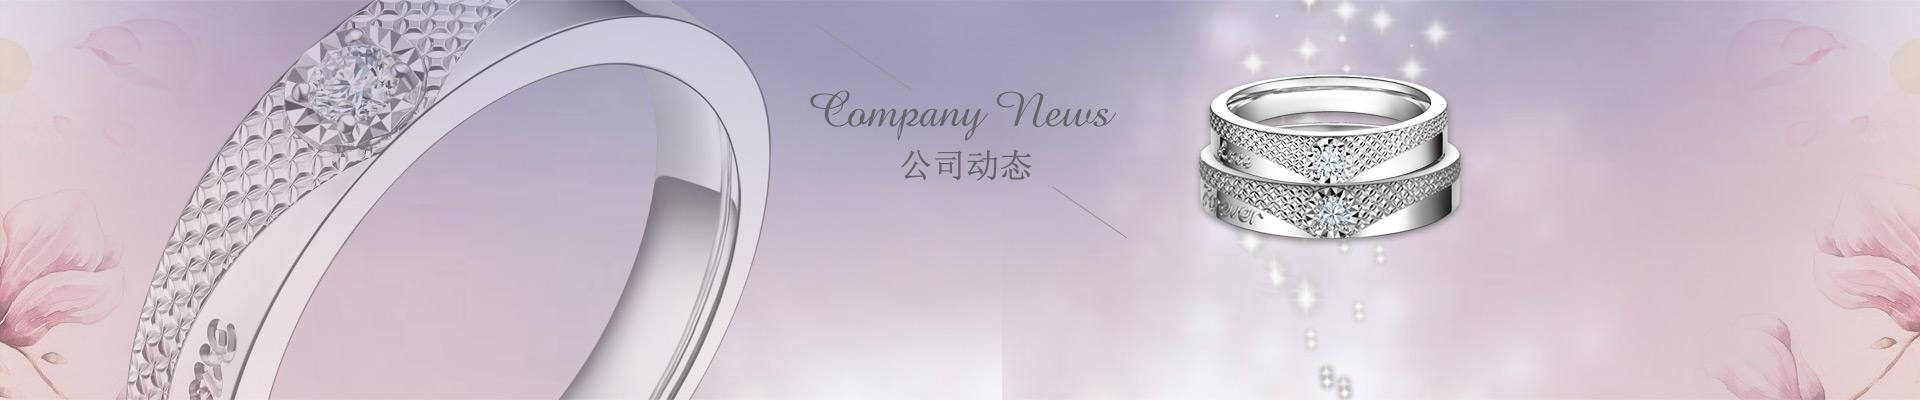 公司动态-必威app手机下载精装版必威app集团